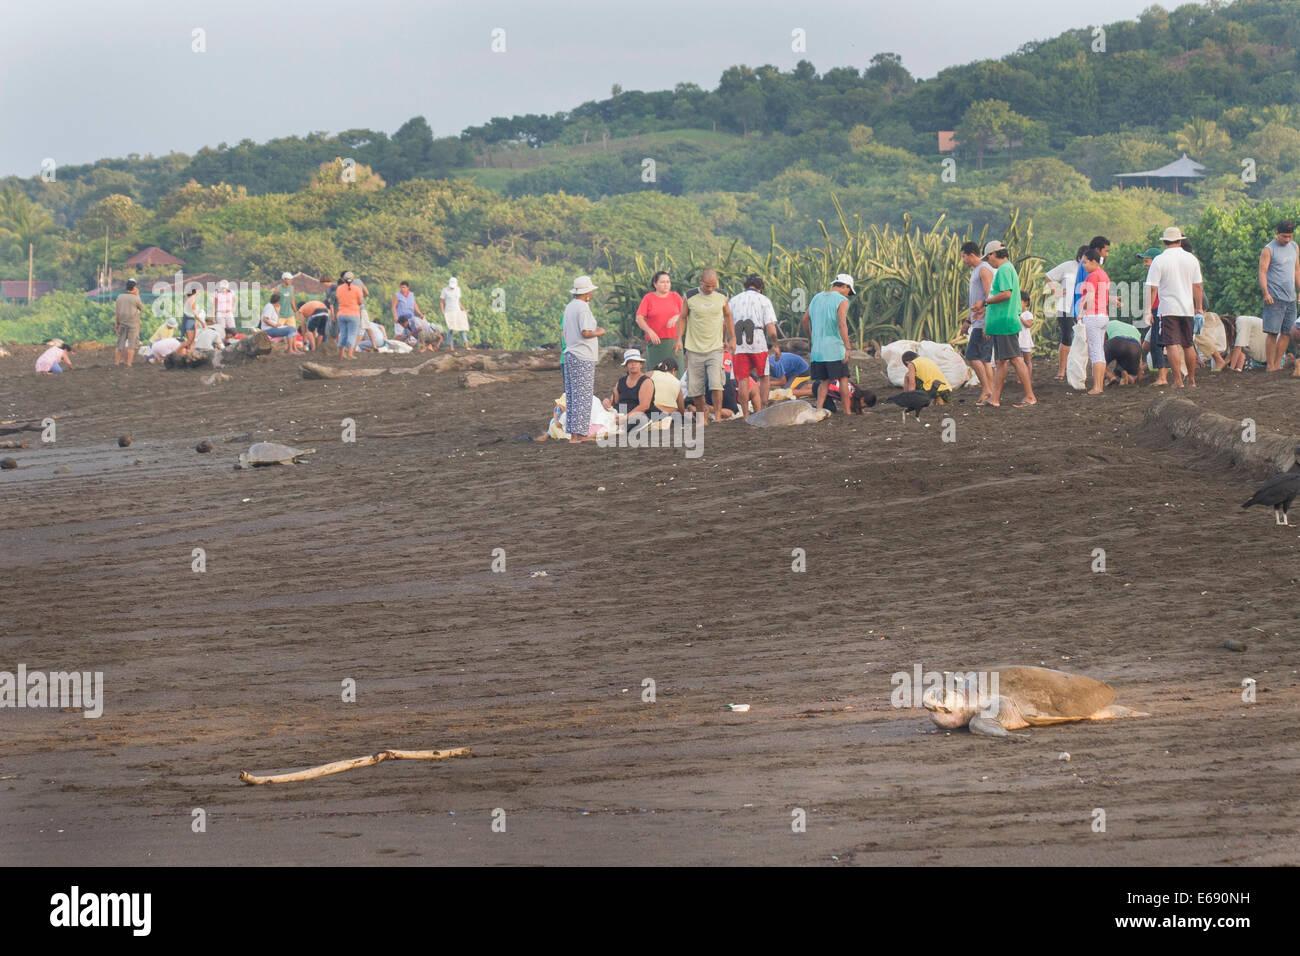 Tortugas olive ridley sube hasta la playa para poner sus huevos. En el fondo son los recolectores de huevos de tortuga Imagen De Stock